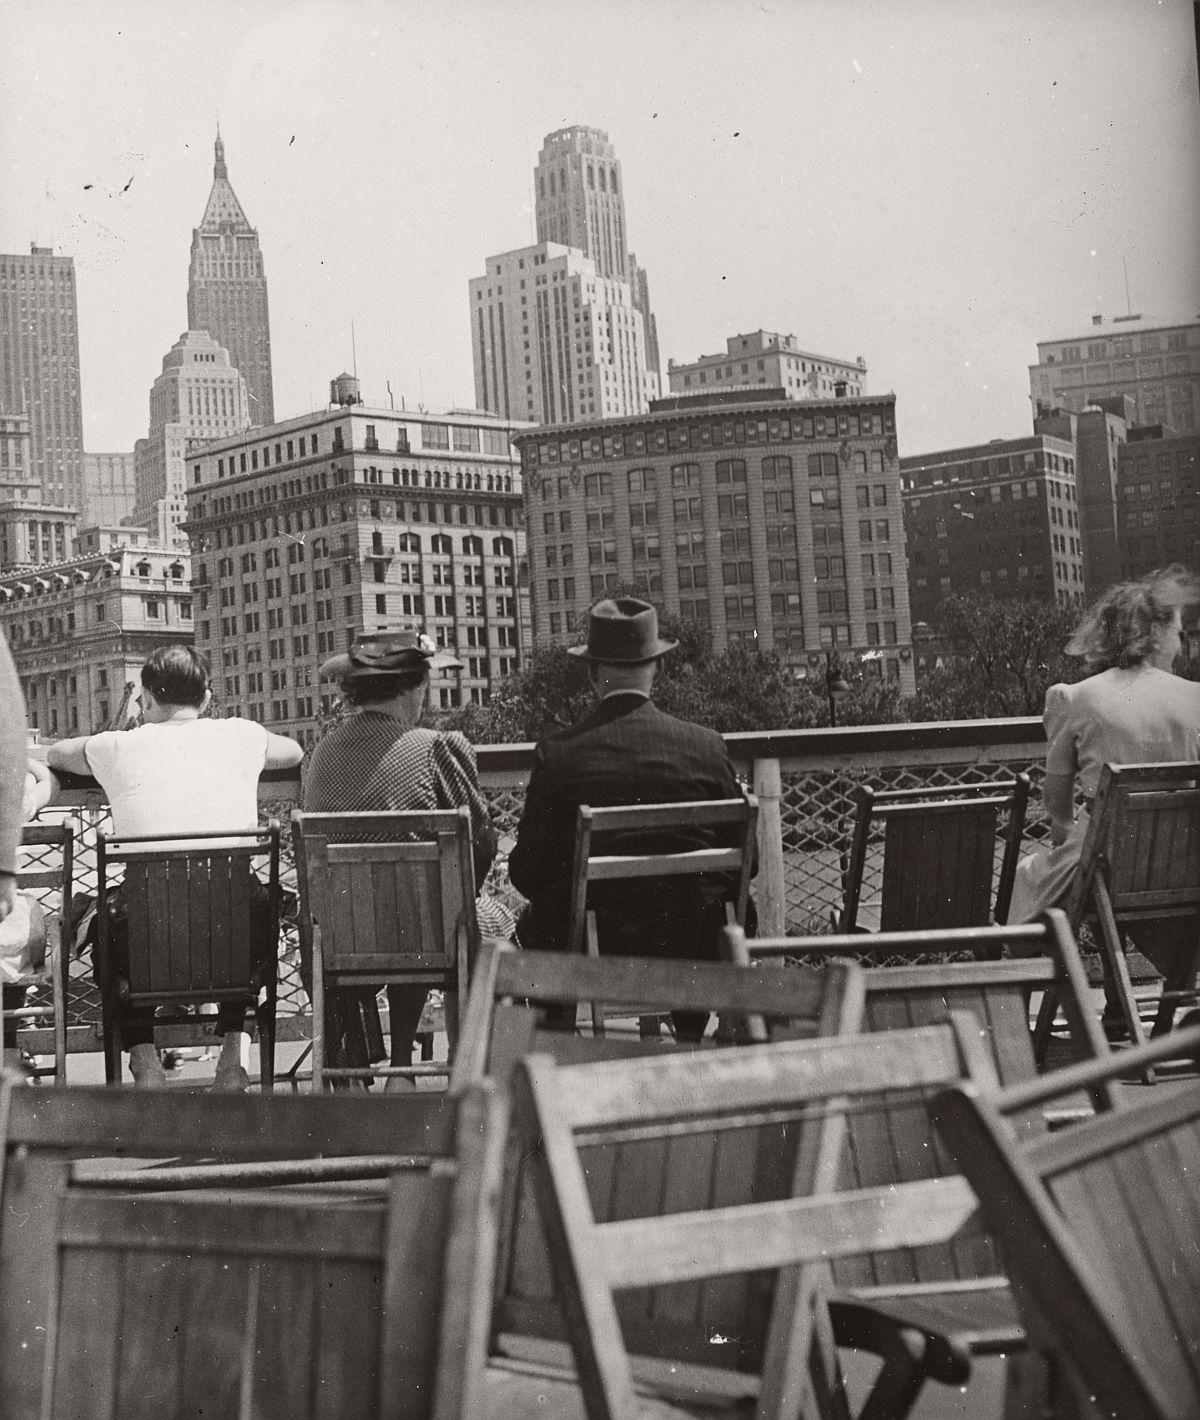 Robert Haas: On the ferry, New York City, 1941 © Wien Museum/Sammlung Robert Haas